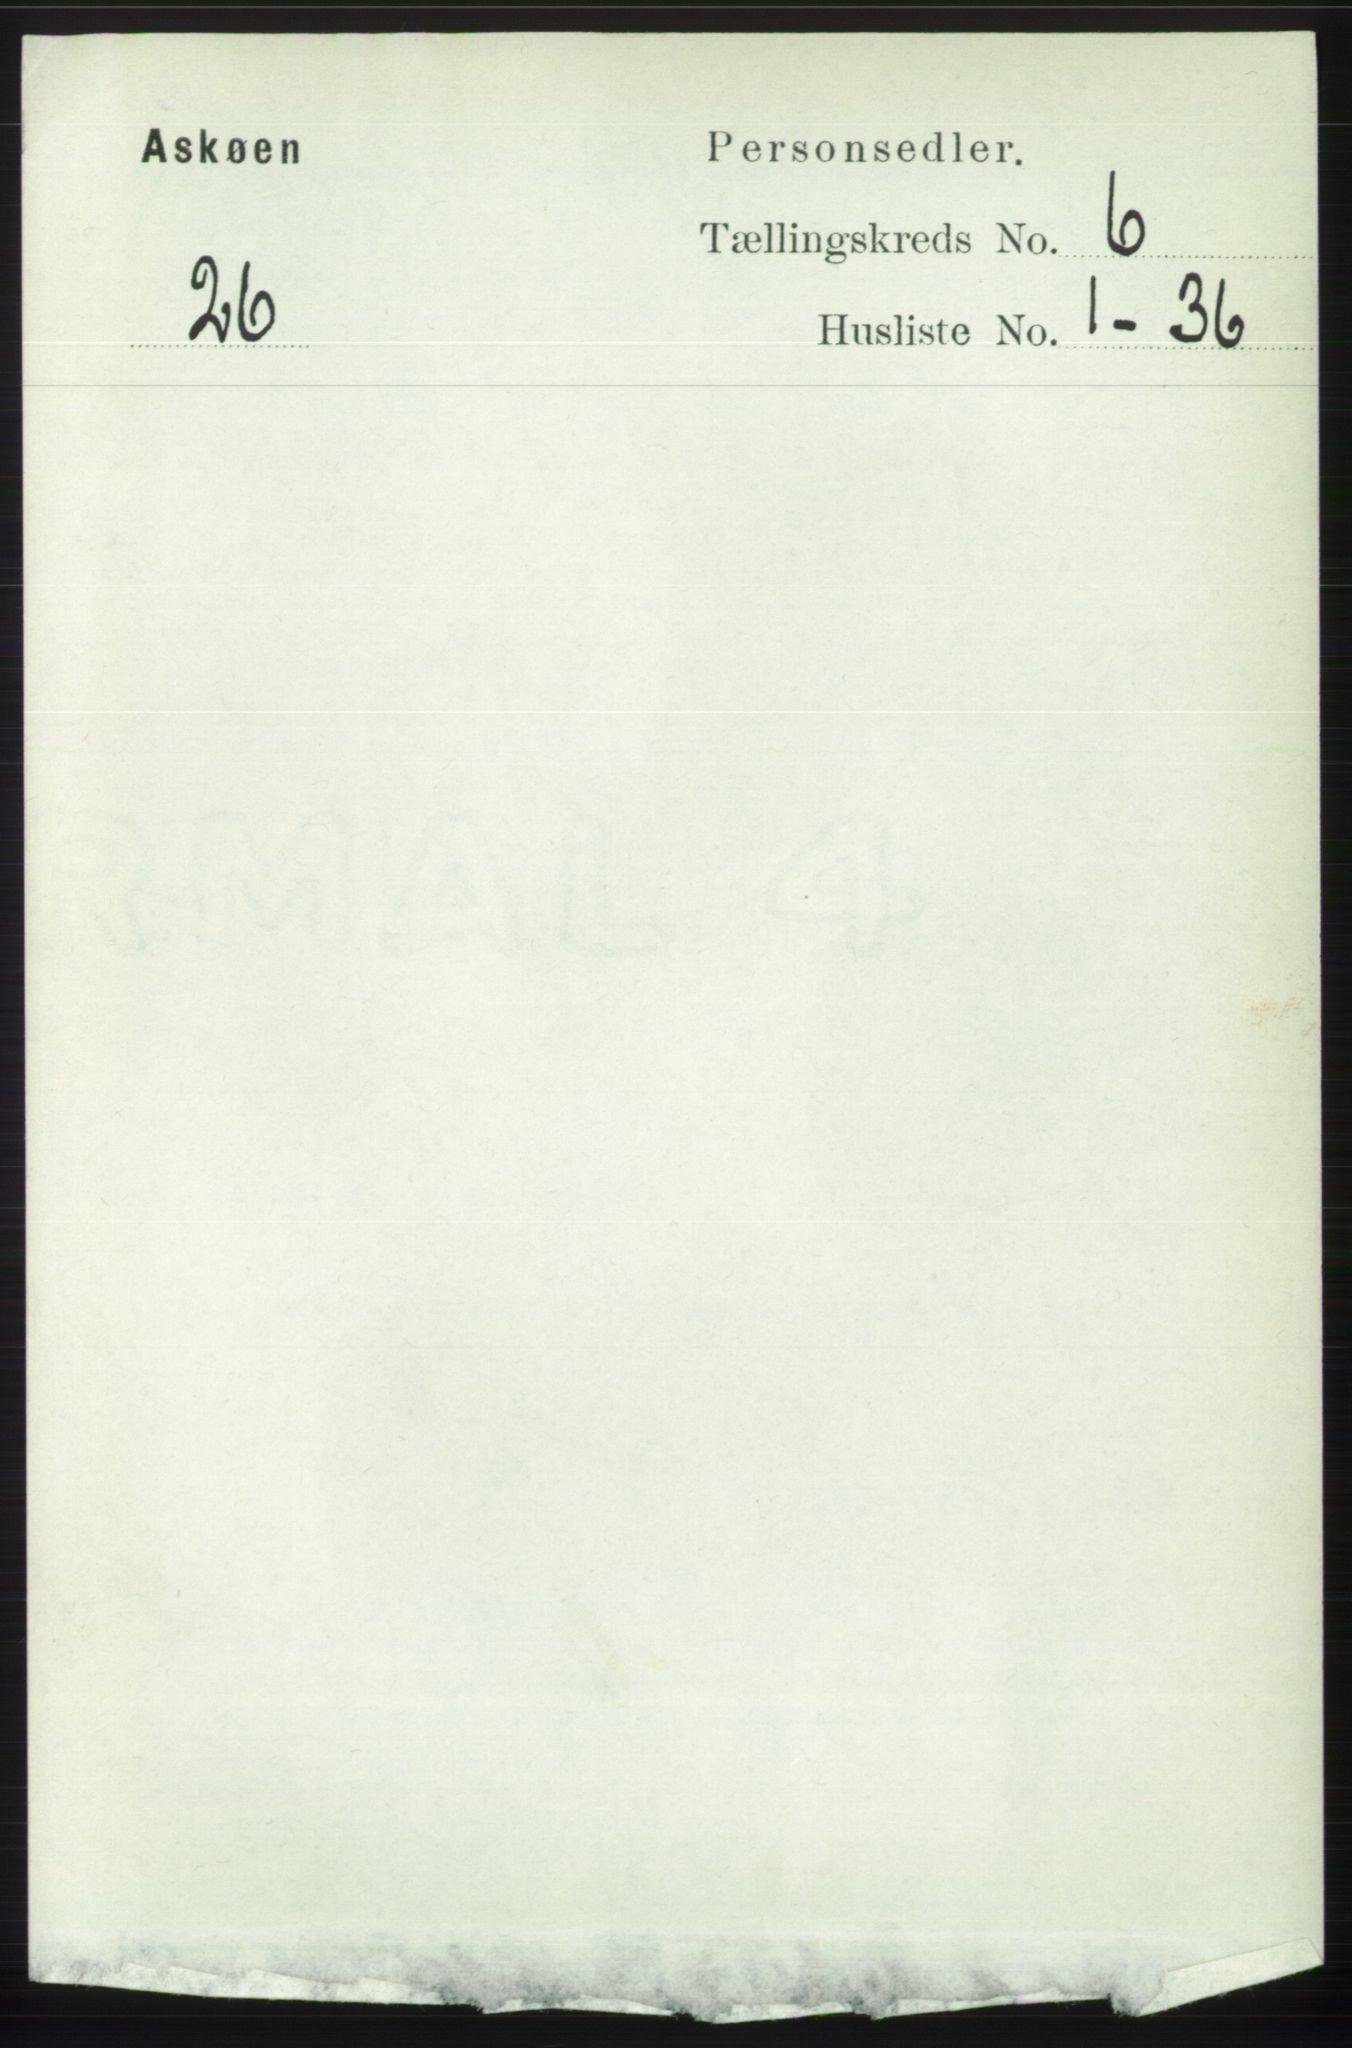 RA, Folketelling 1891 for 1247 Askøy herred, 1891, s. 3989